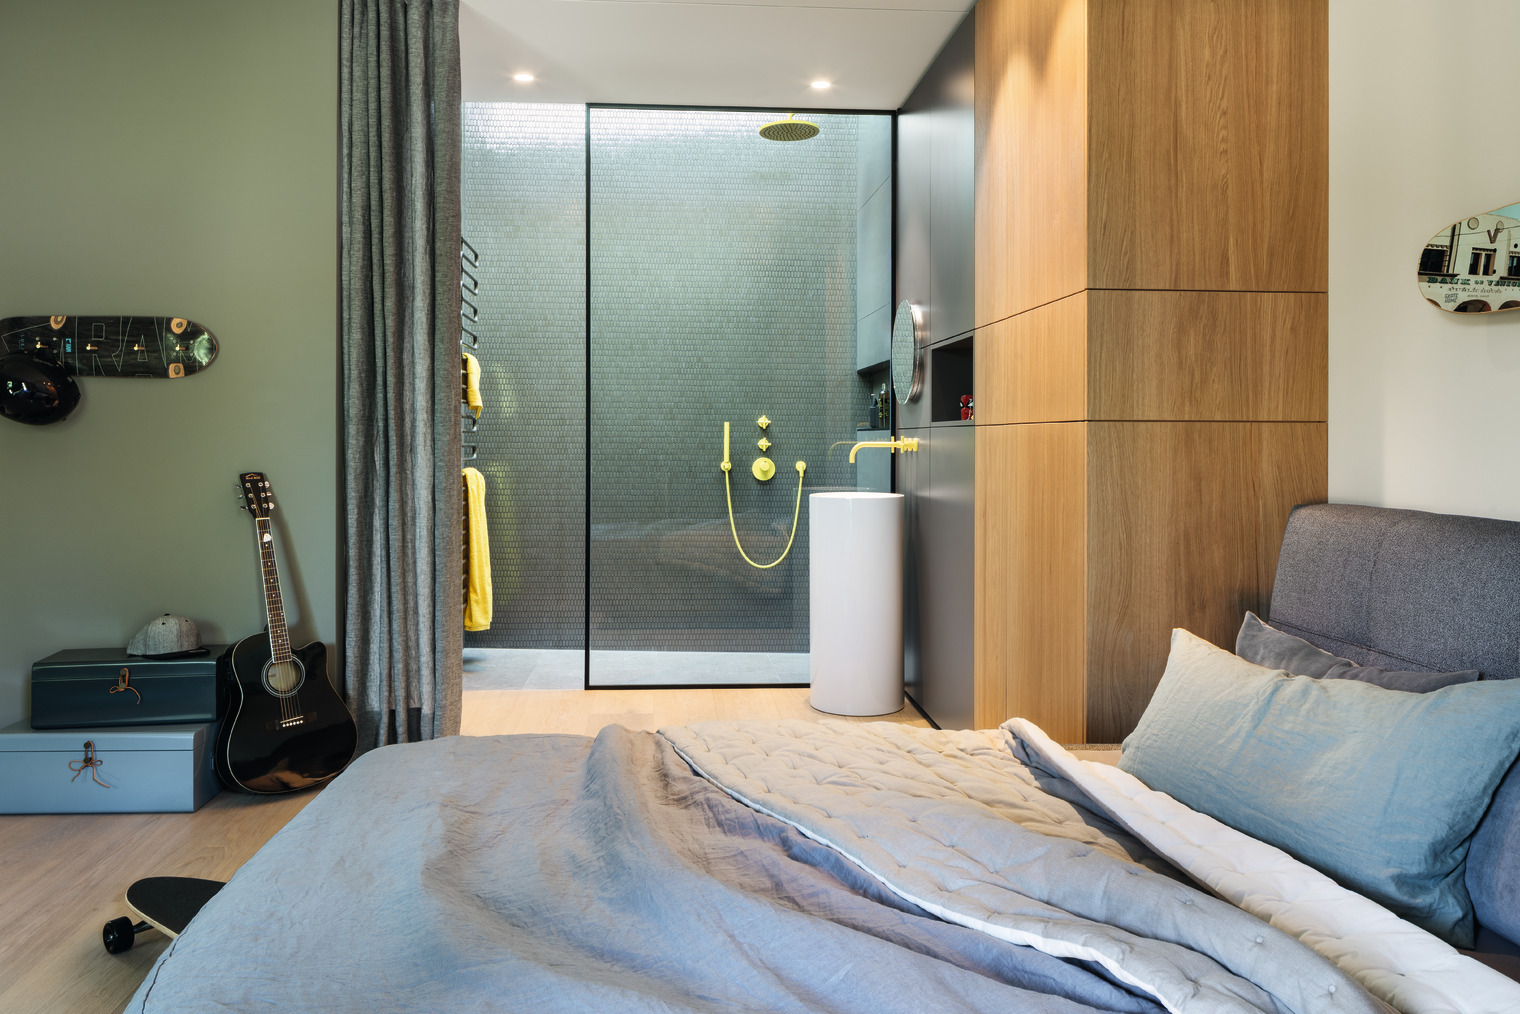 Jugendzimmer mit eigenem Bad